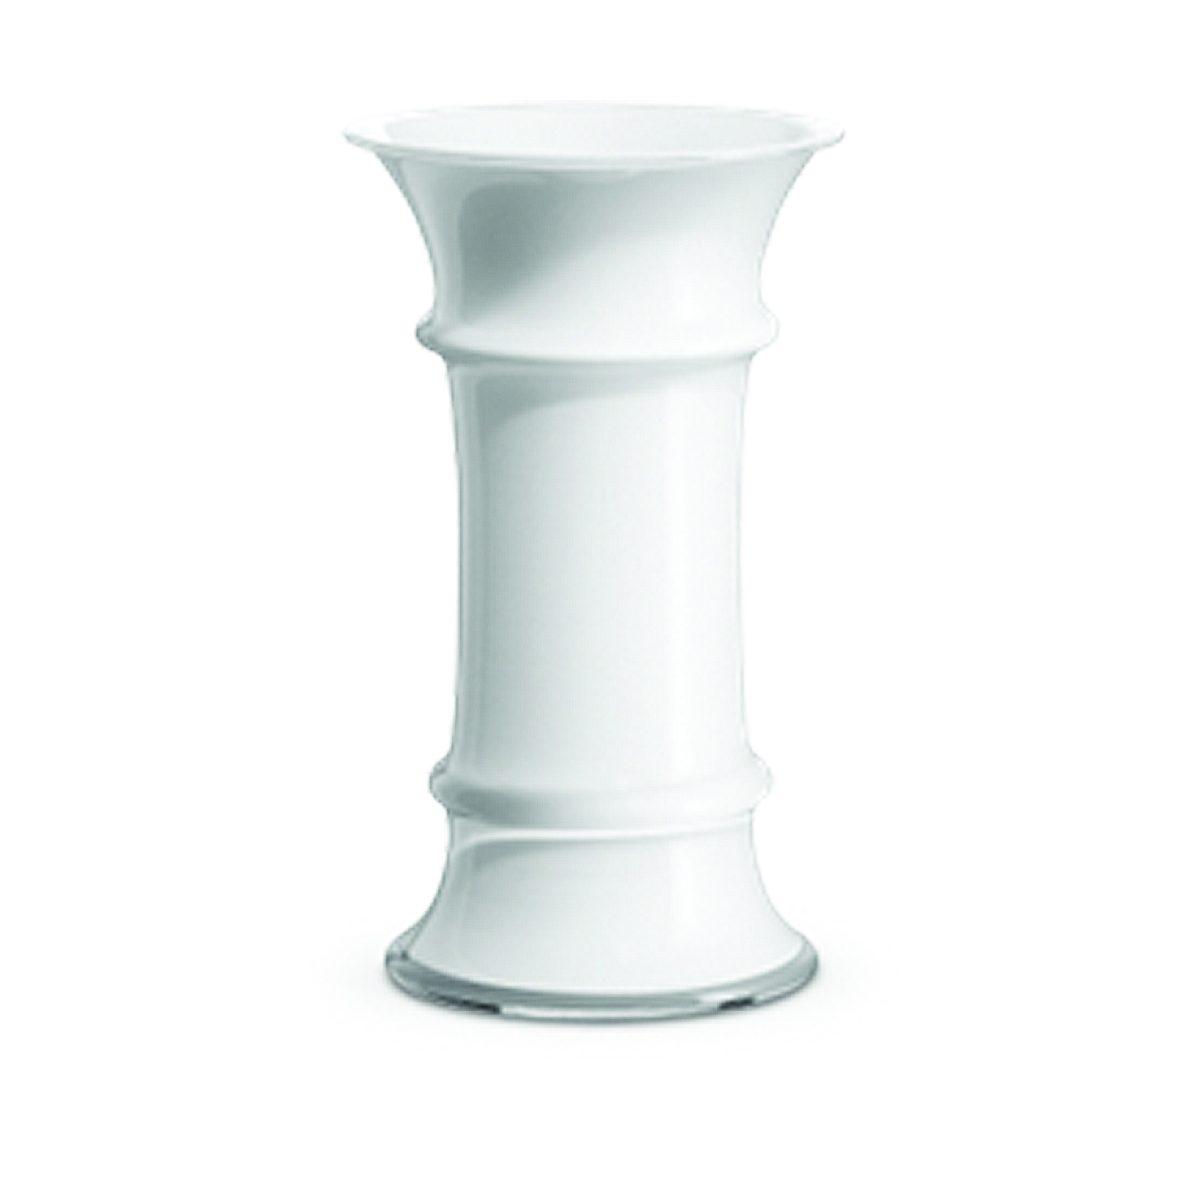 HOLMEGAARD Holmegaard Vase MB weiß, 17.6 cm